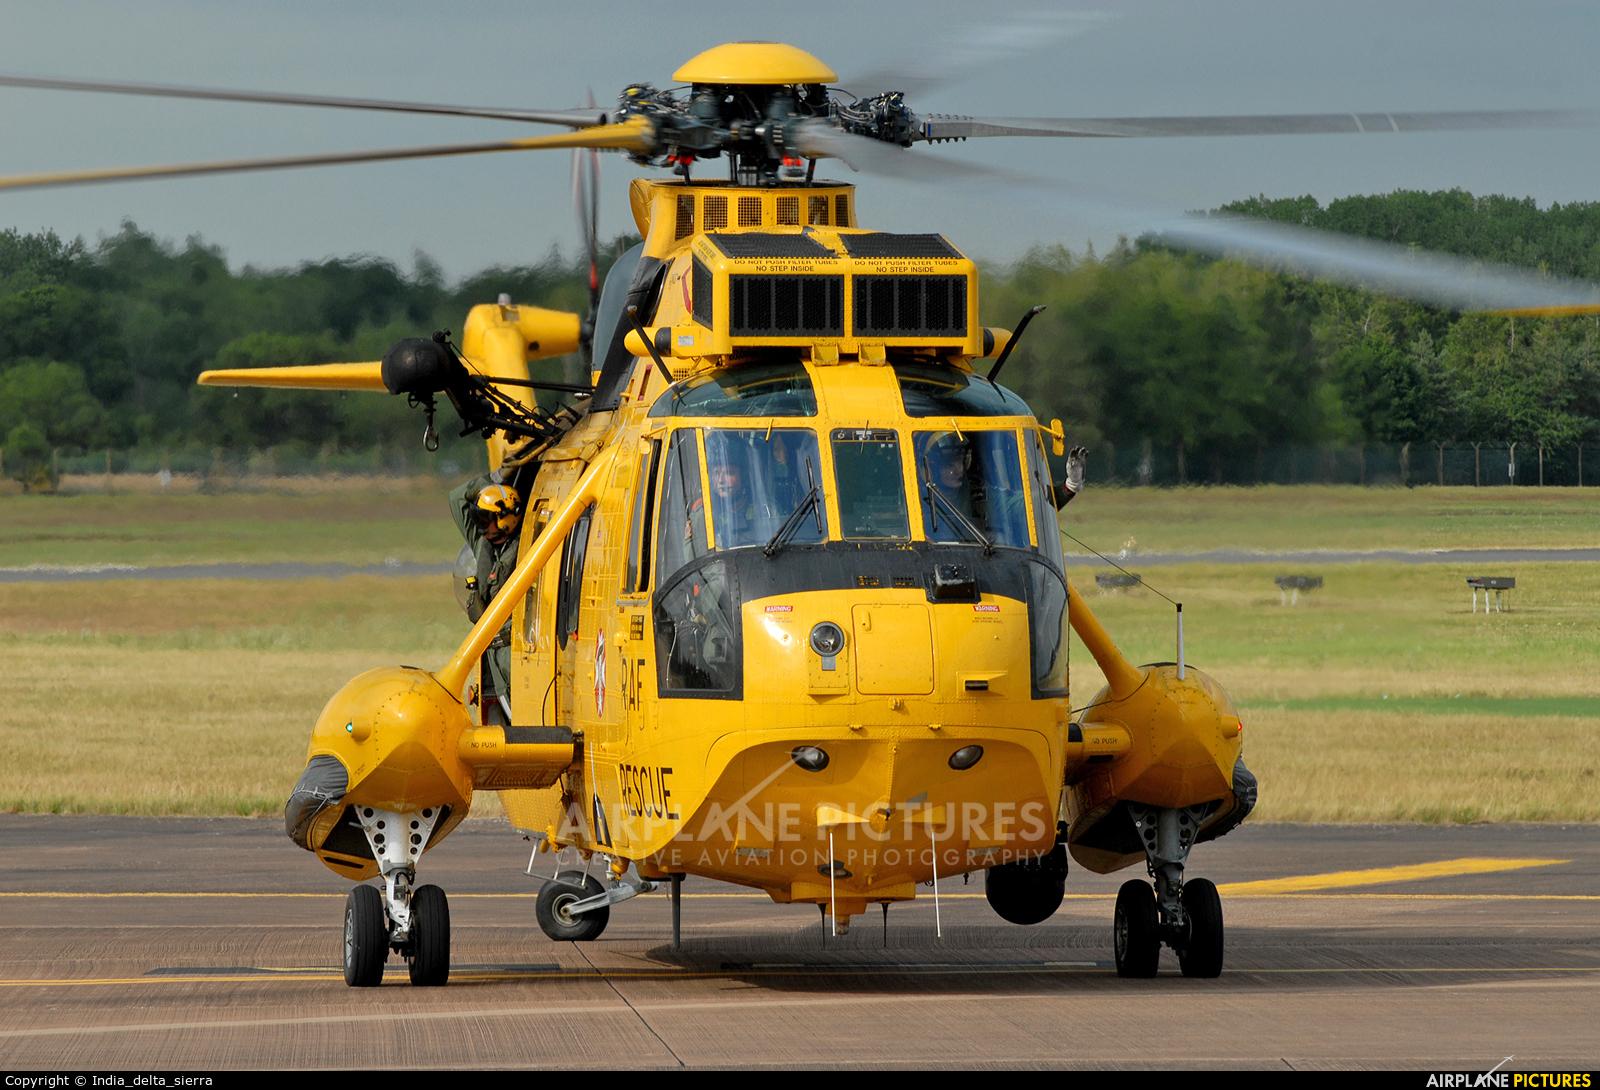 Royal Air Force XZ594 aircraft at Fairford